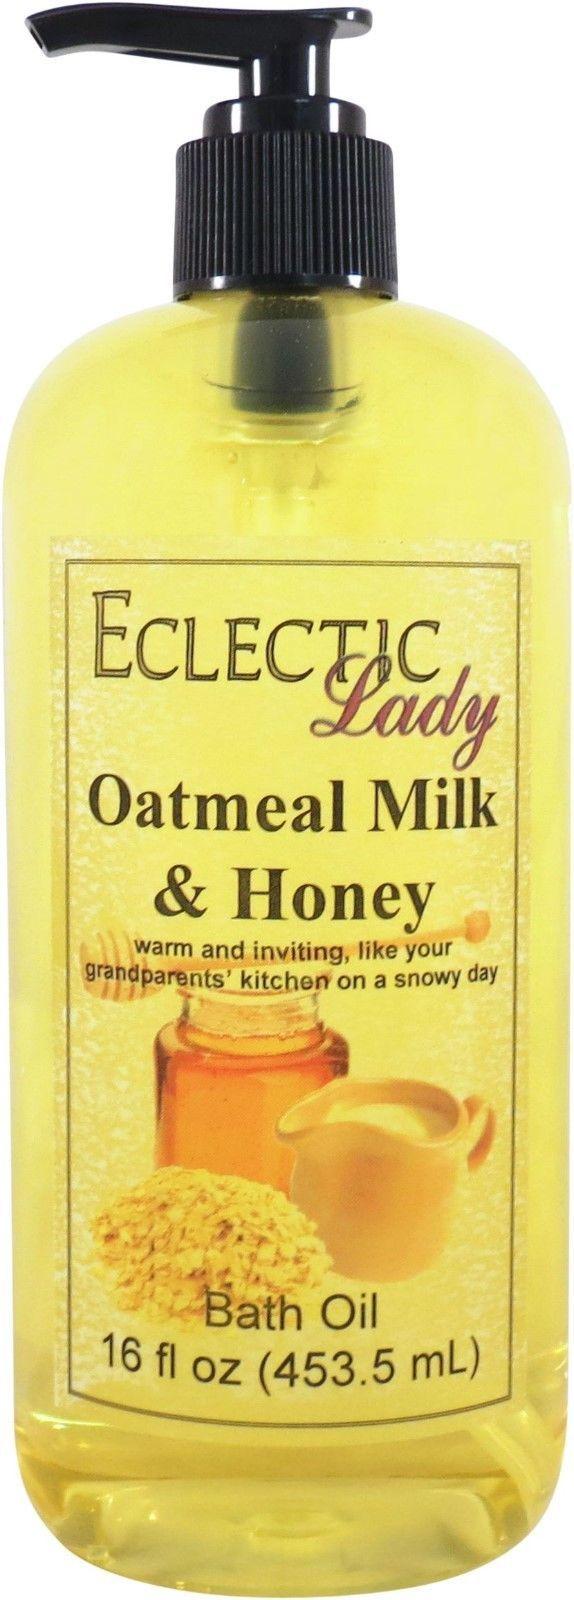 Oatmeal Milk and Honey Bath Oil